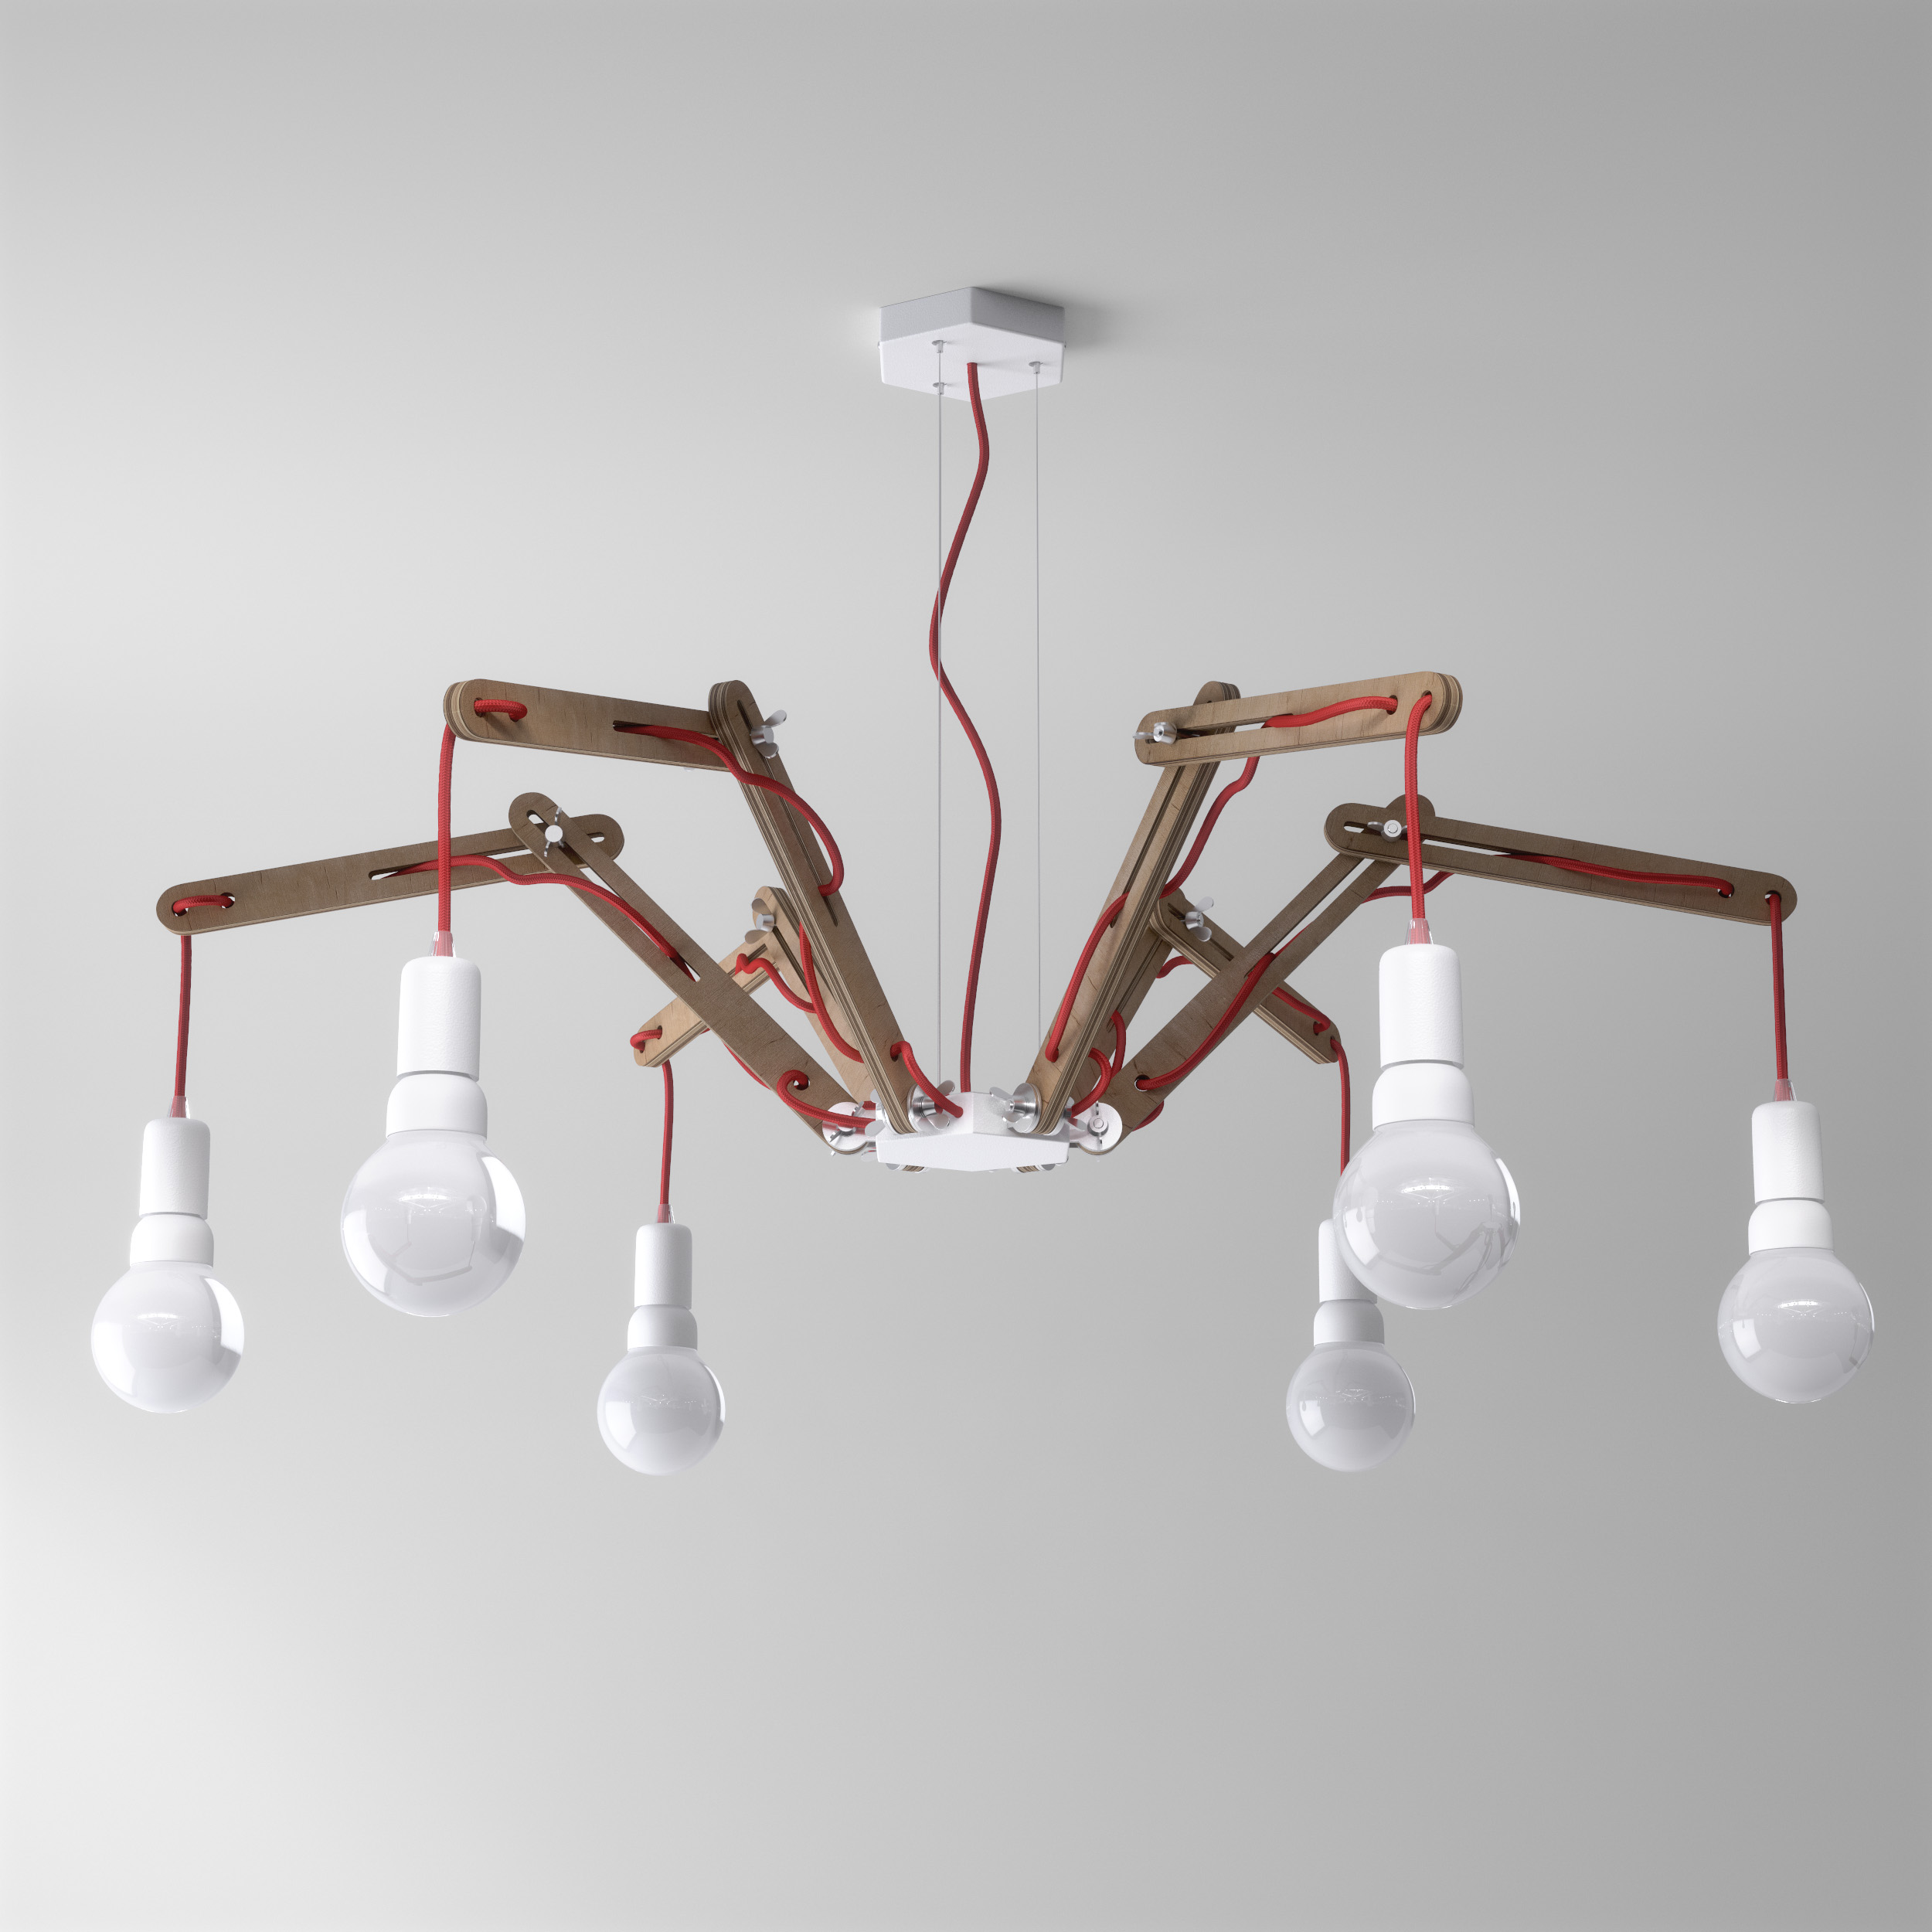 moderne h ngeleuchte spider im vintage stil. Black Bedroom Furniture Sets. Home Design Ideas